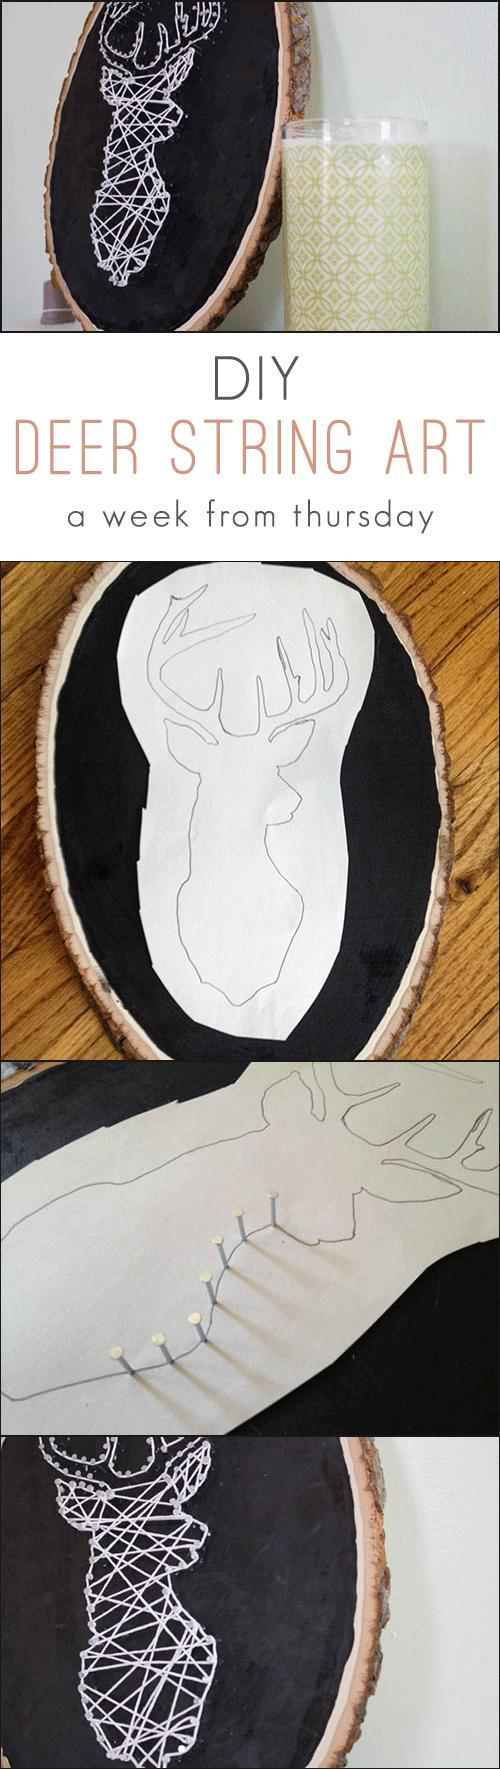 Deer-String-Art-Pinterest-Image